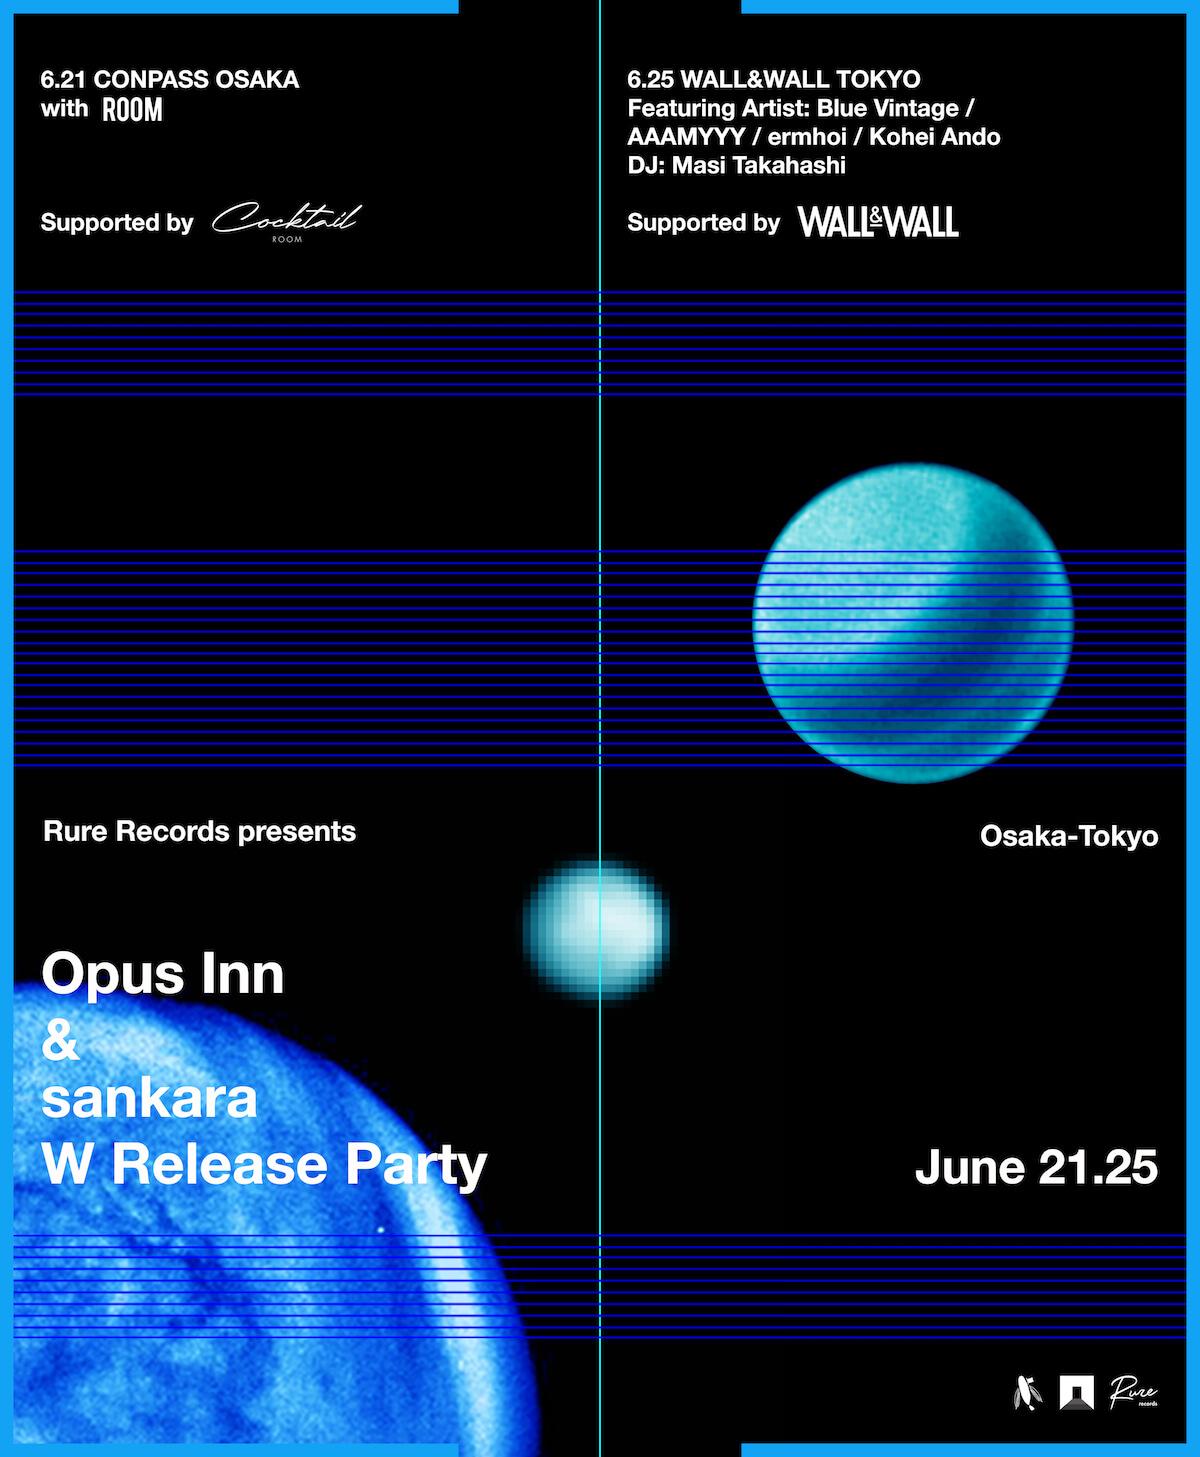 新レーベルRure Recordsより、Opus Innとsankaraの作品が同時リリース Wリリース・パーティが東京と大阪で決定 music190514_opusinn_sankara_5